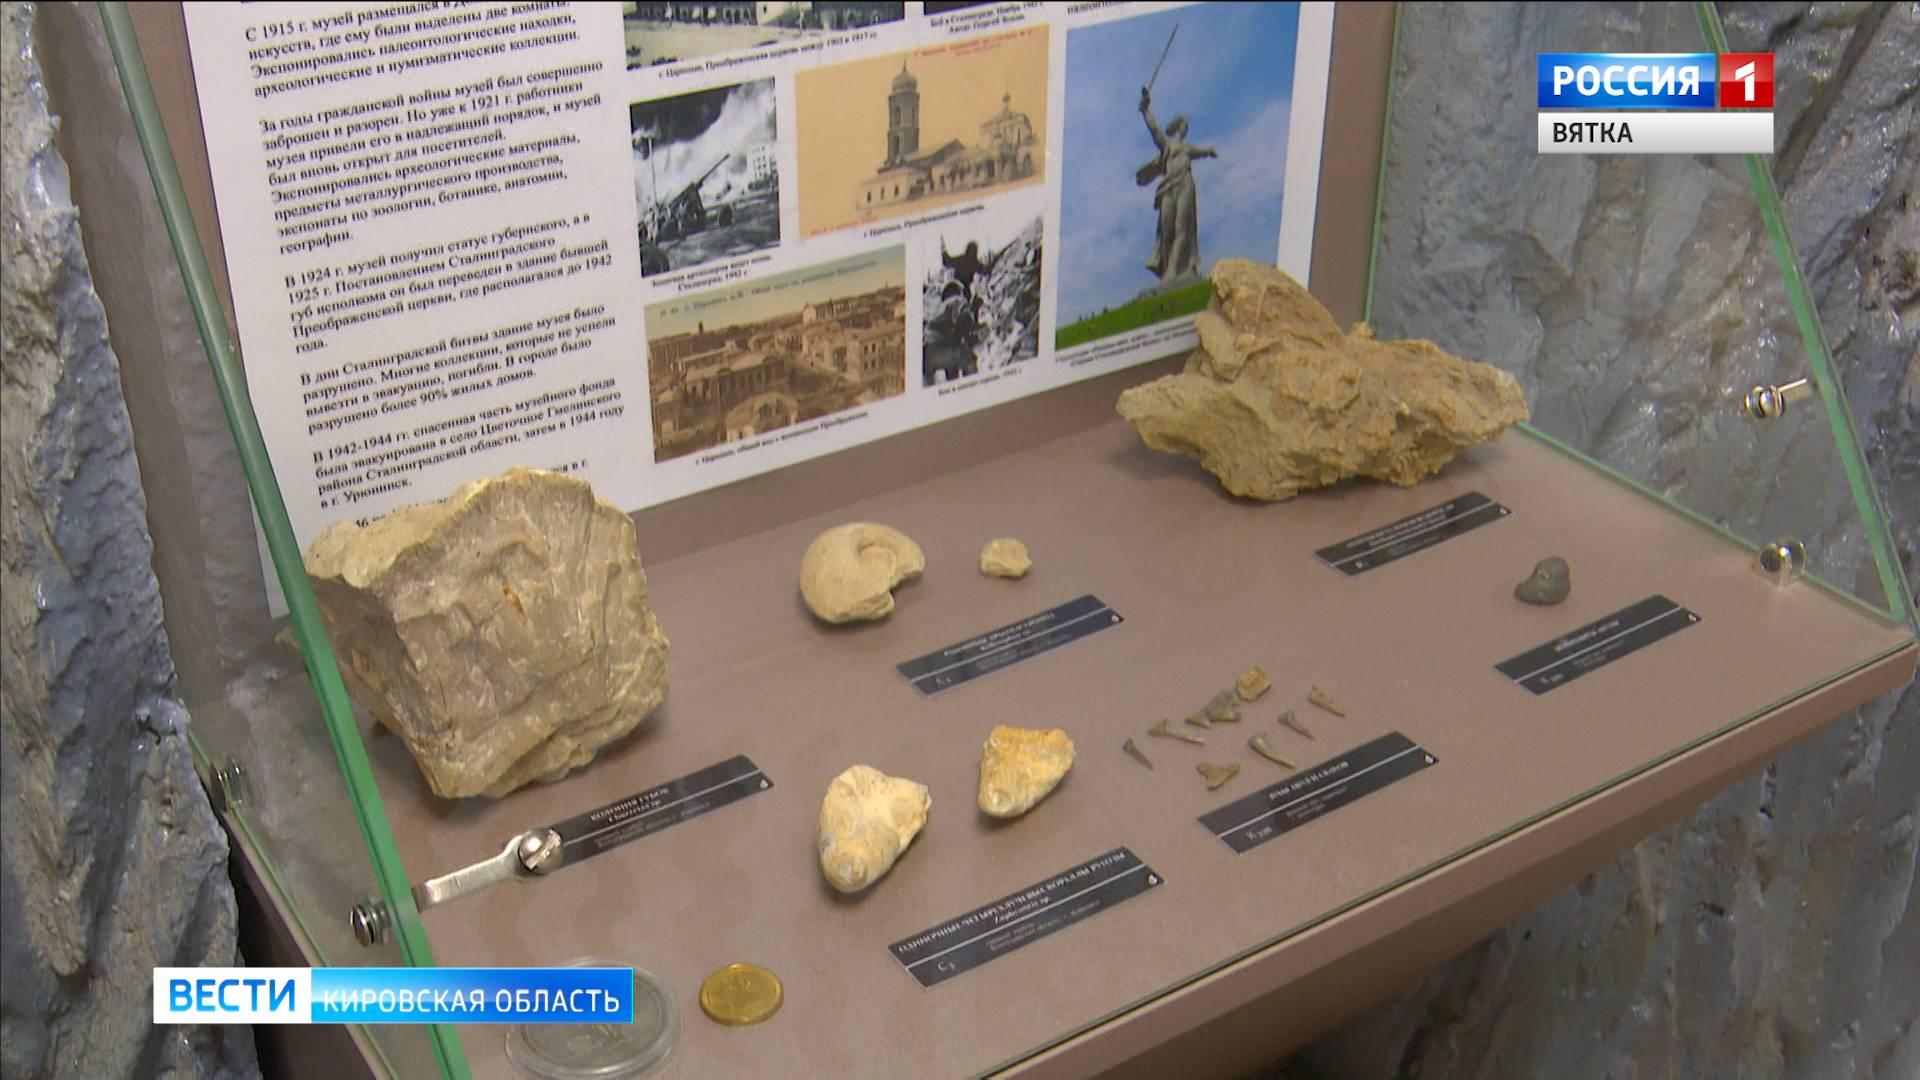 В Кирове открылась выставка экспонатов, спасённых в годы Великой отечественной войны